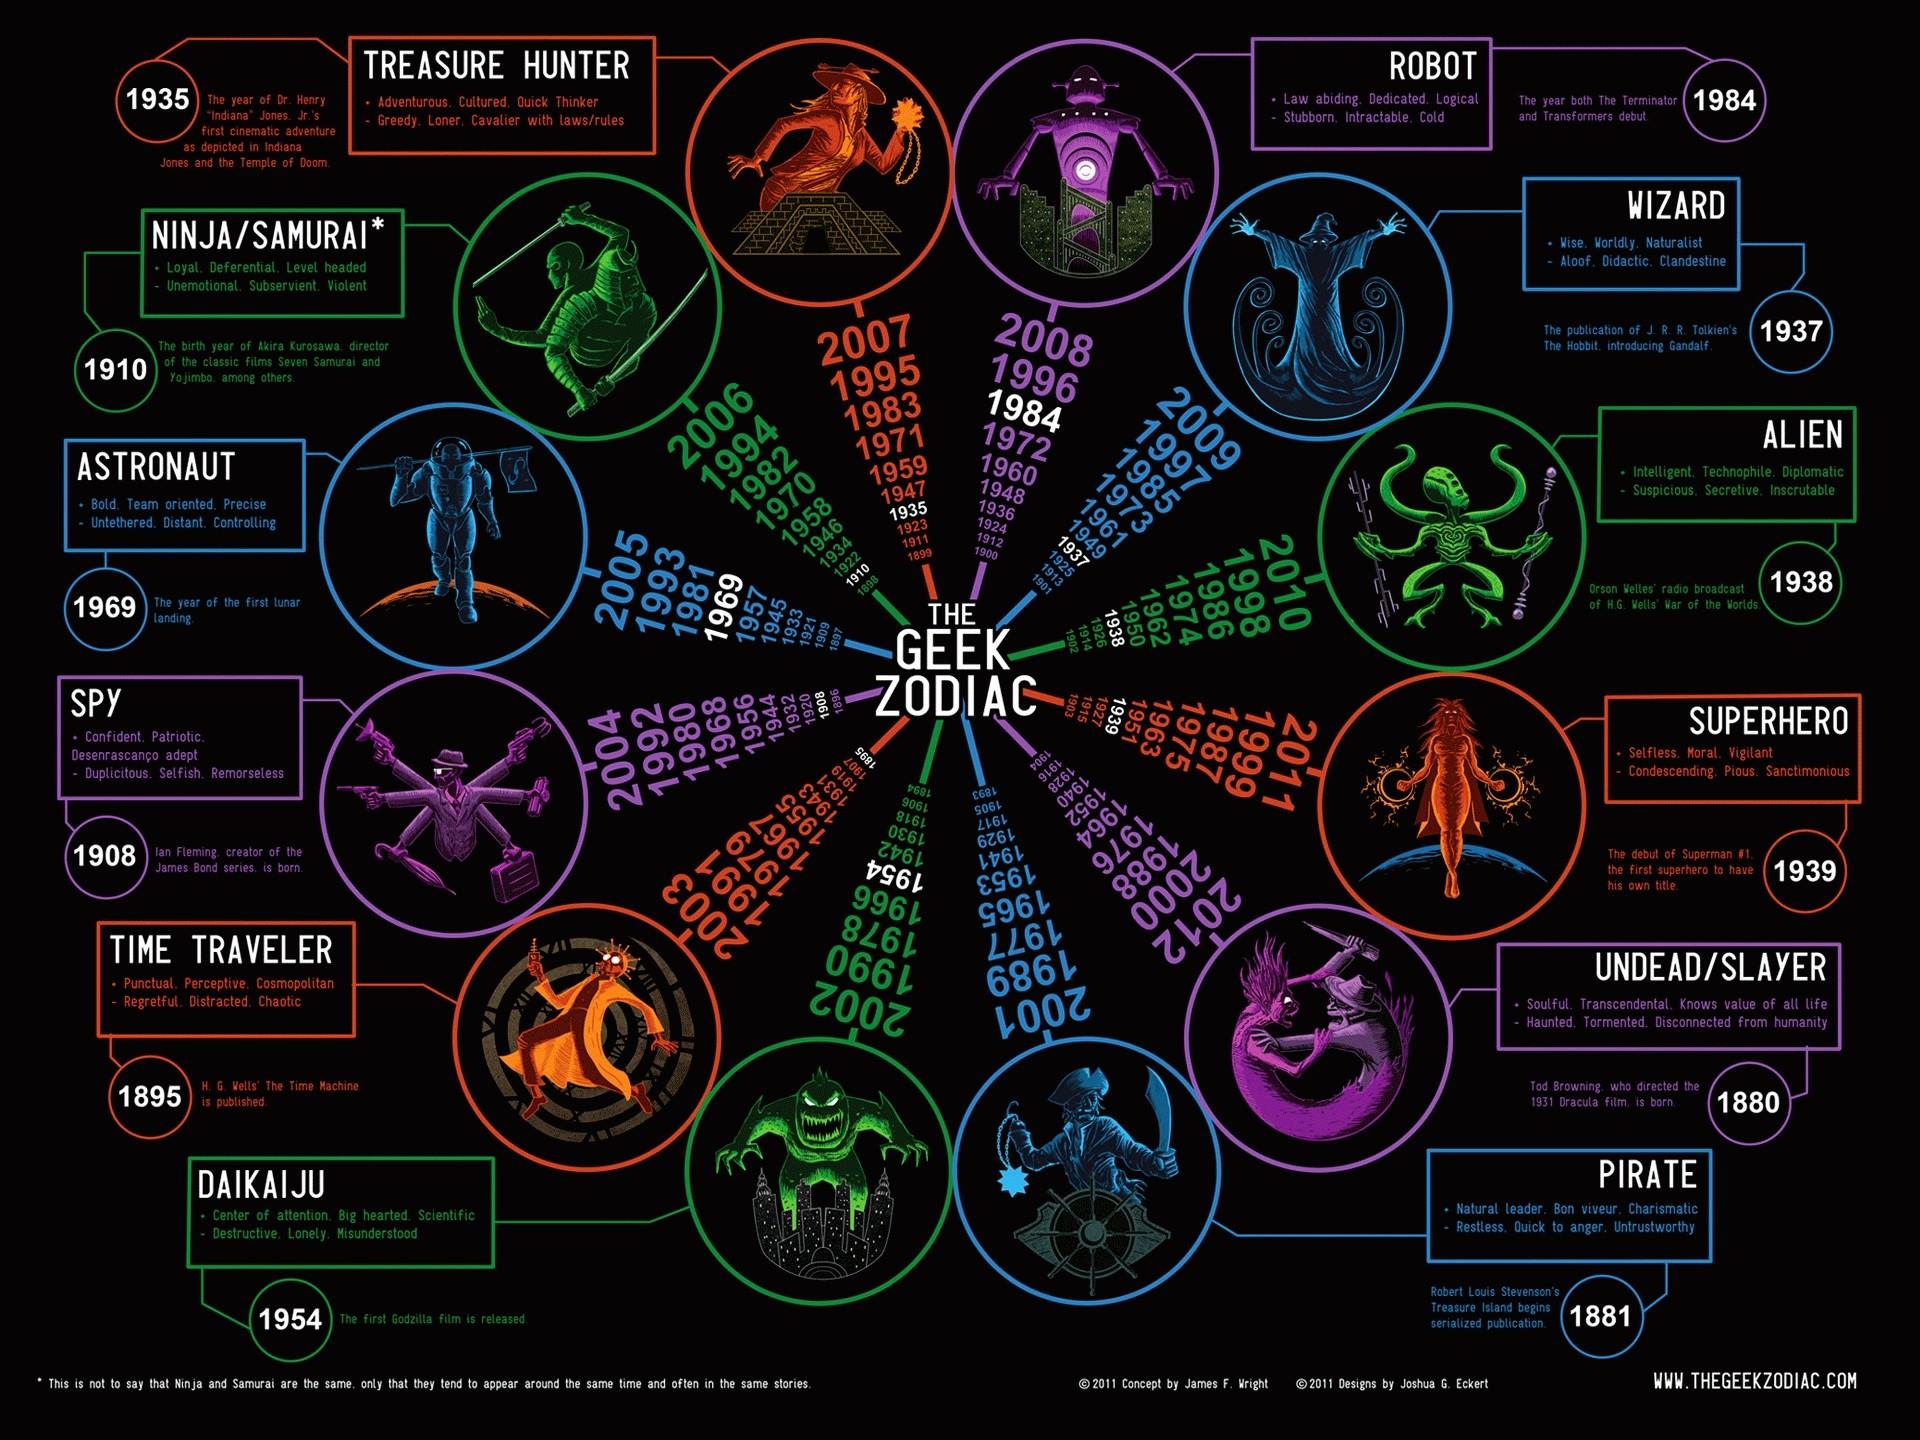 Fond d'écran : Geek, Zodiaque, multimédia, Jeux, capture d'écran, Police de caractère 1920x1440 ...